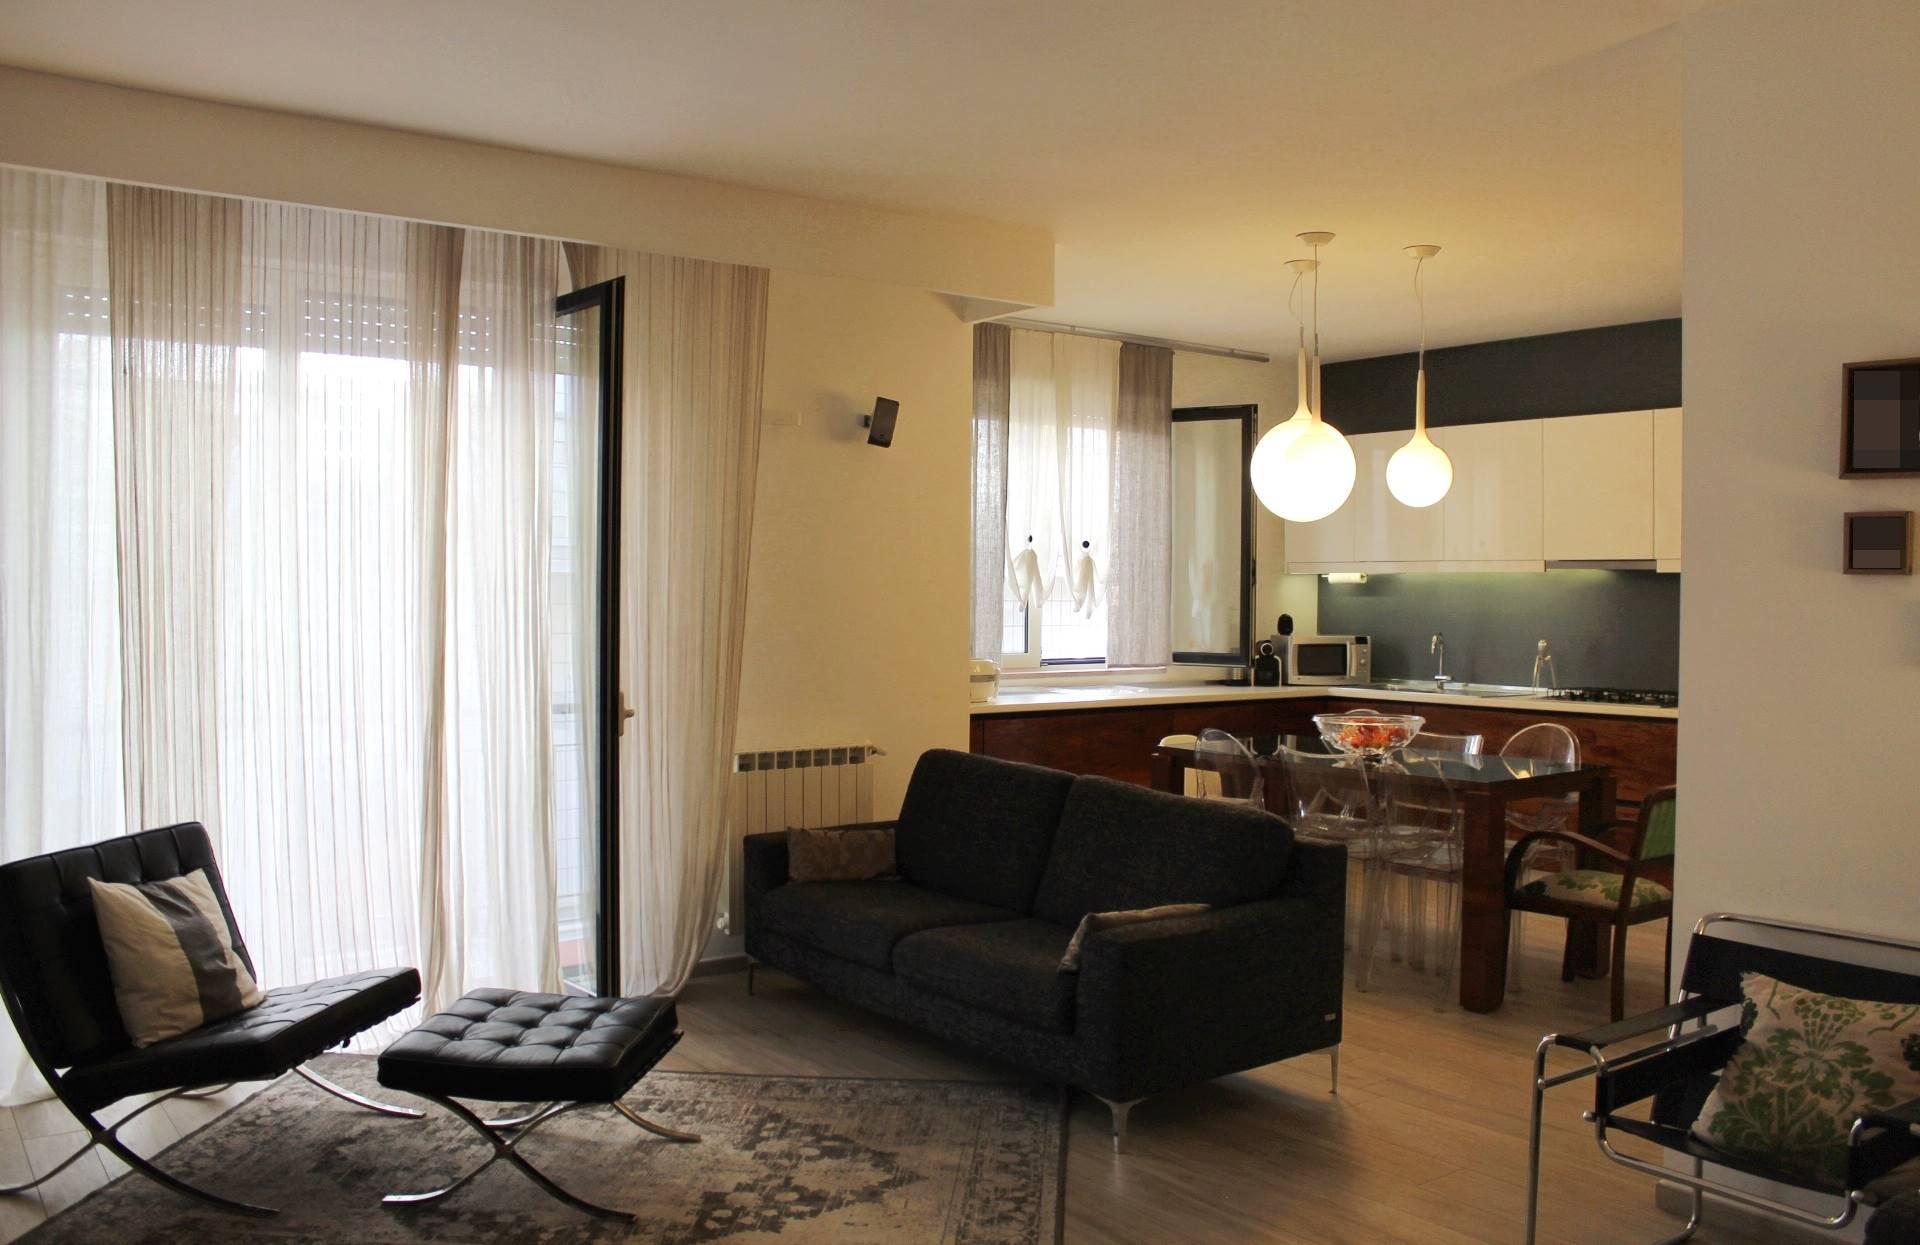 In Via Beatrice Portinari, nei pressi del polo scolastico, proponiamo la vendita di una villetta unifamiliare disposta su N.3 livelli della